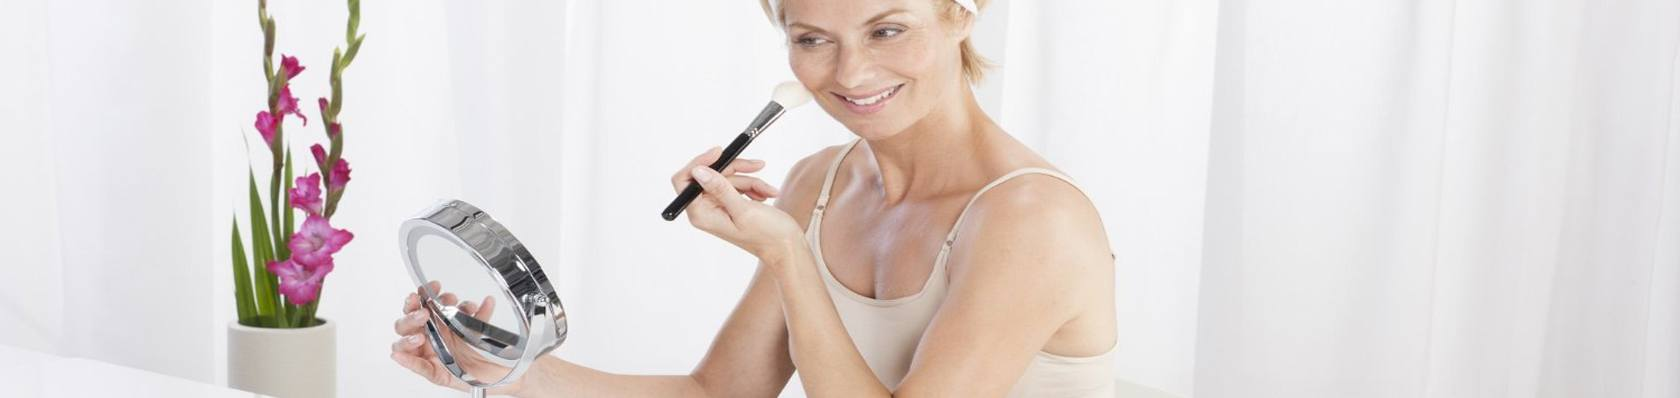 Kosmetikspiegel im Test auf ExpertenTesten.de